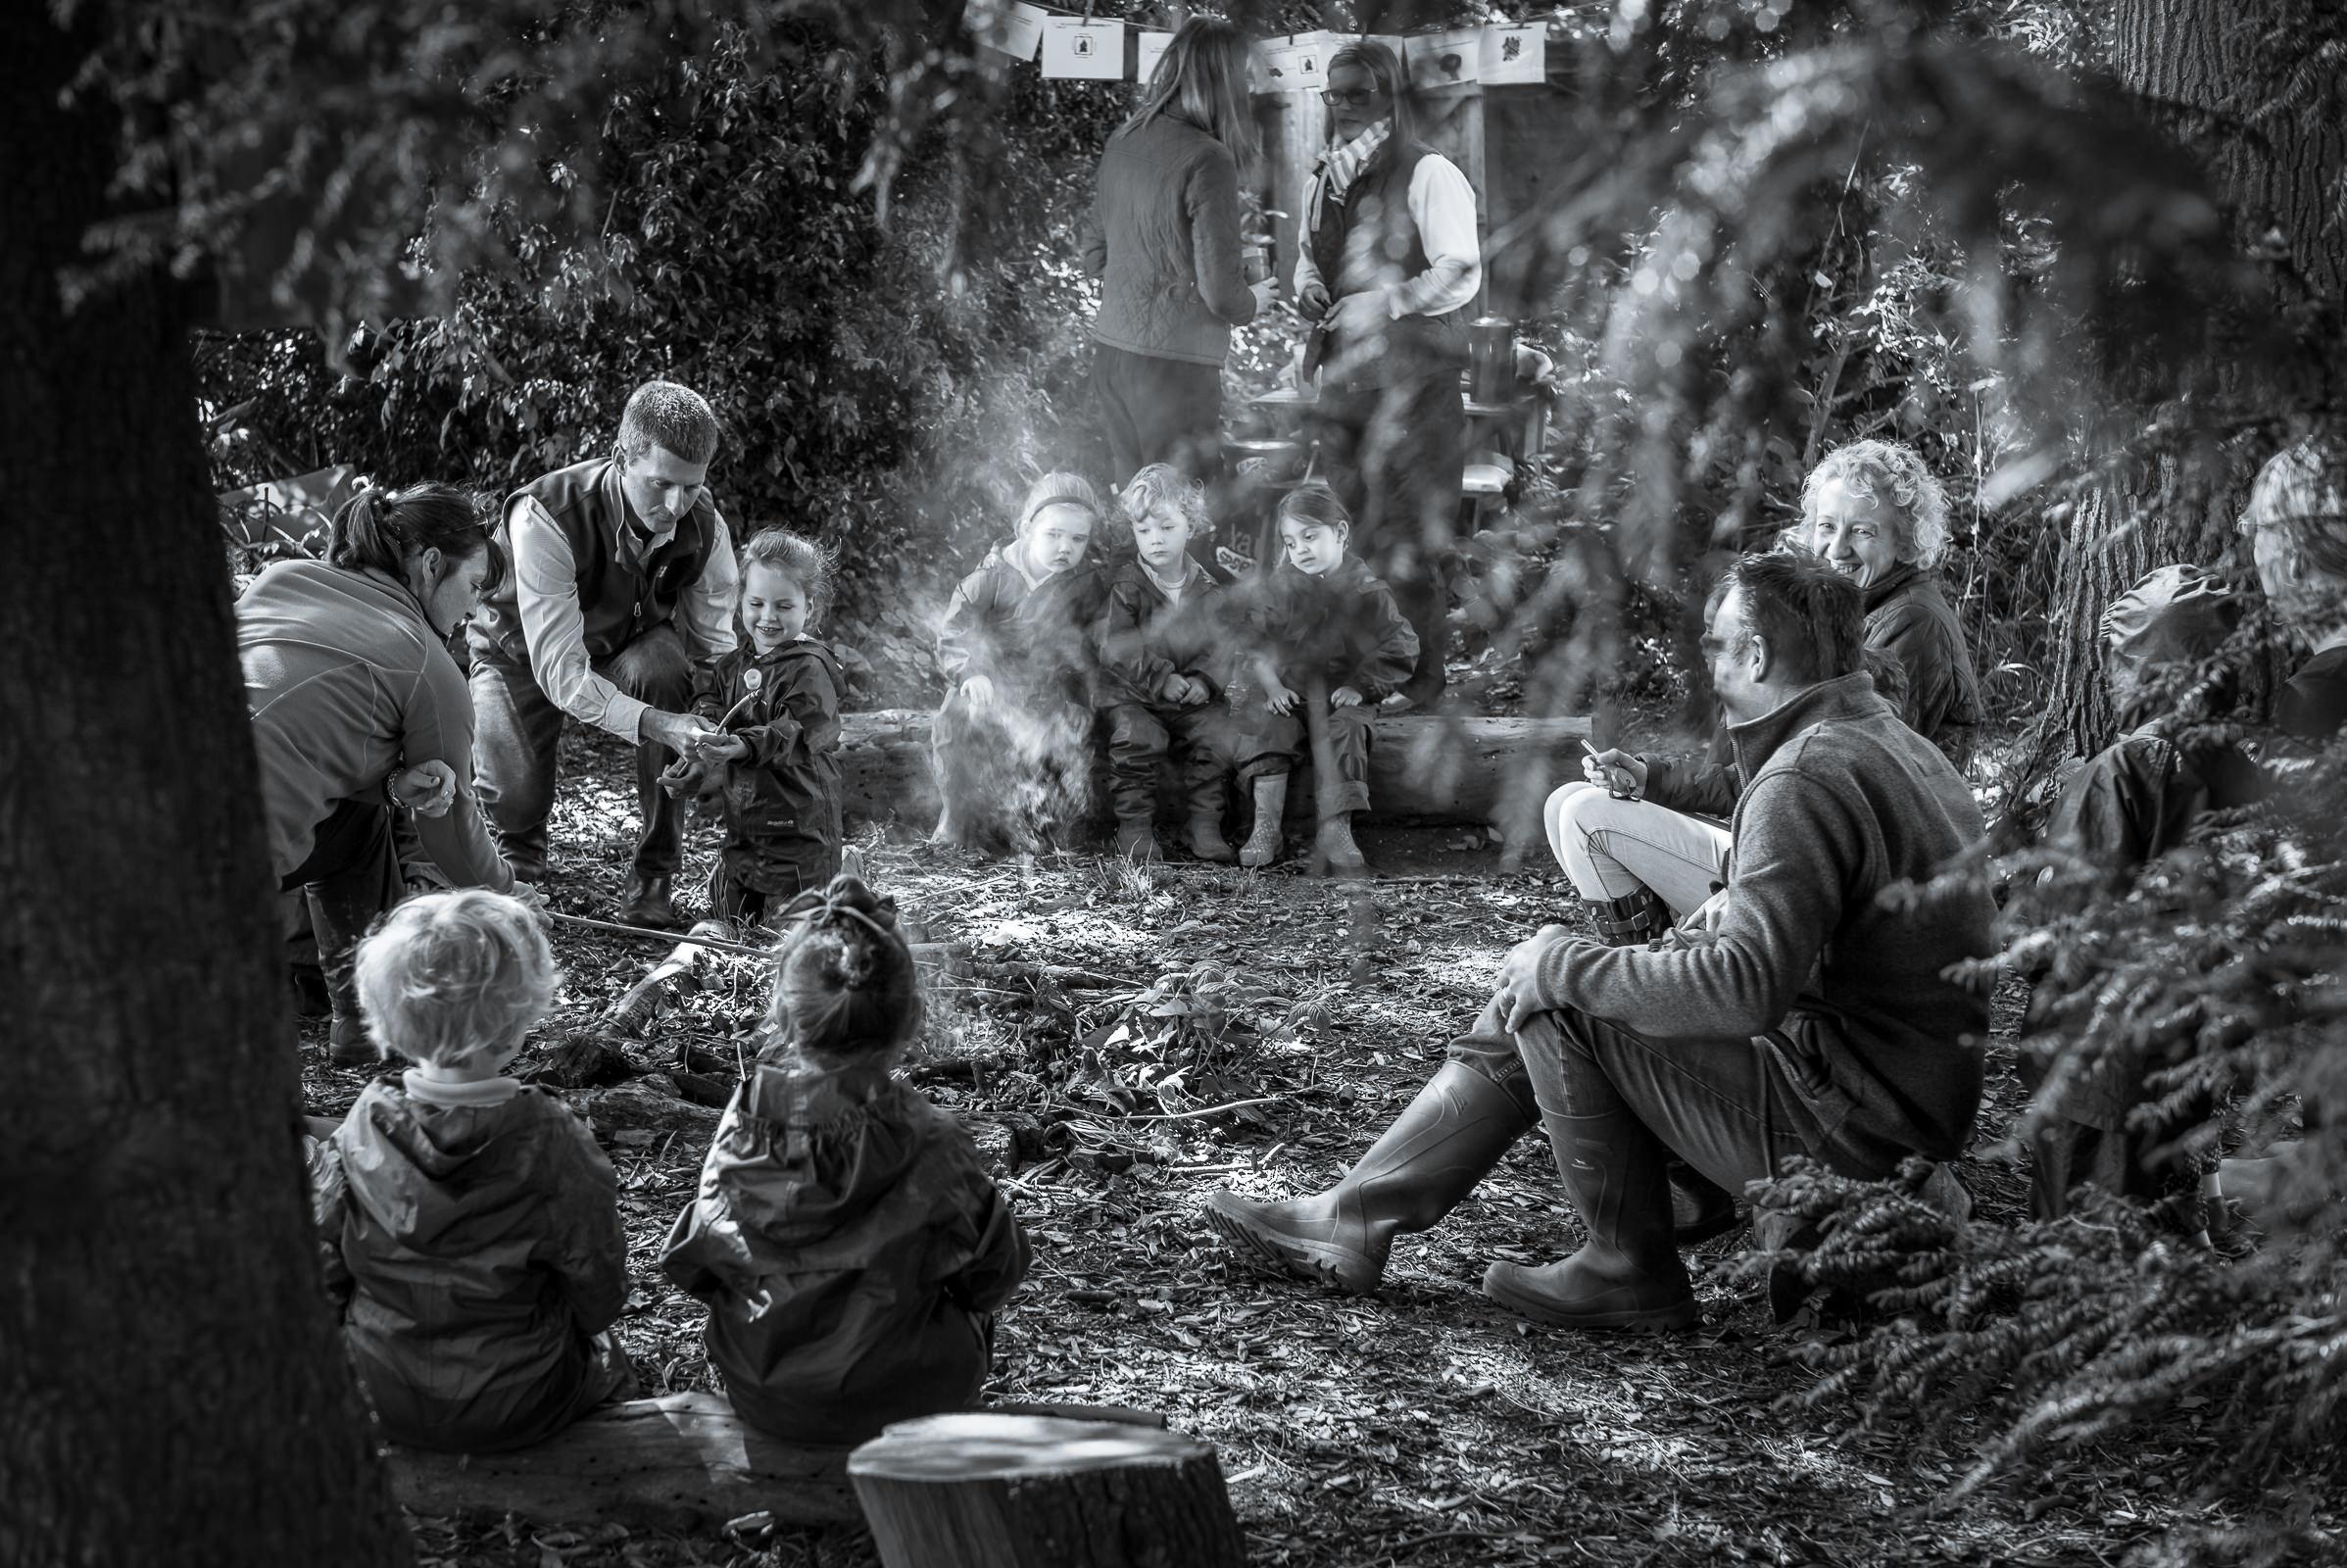 World Portfolio Forest School Children Camp By Brett Leica Photographer